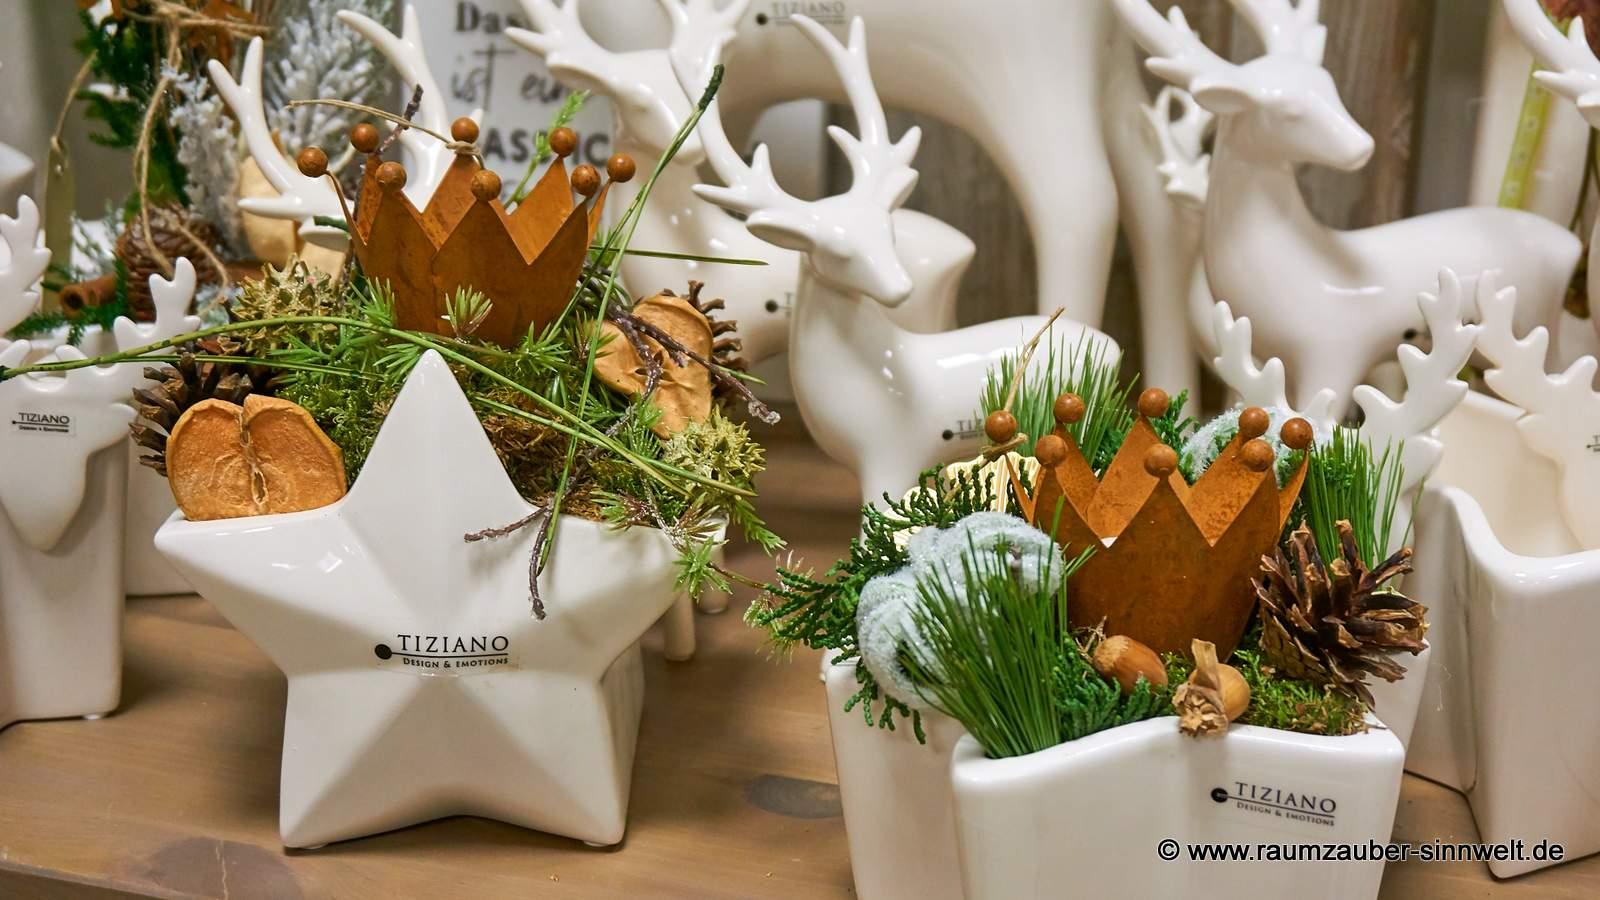 TIZIANO Kübel Casoria und Sternschale Lazio mit Teelicht weihnachtlich dekoriert